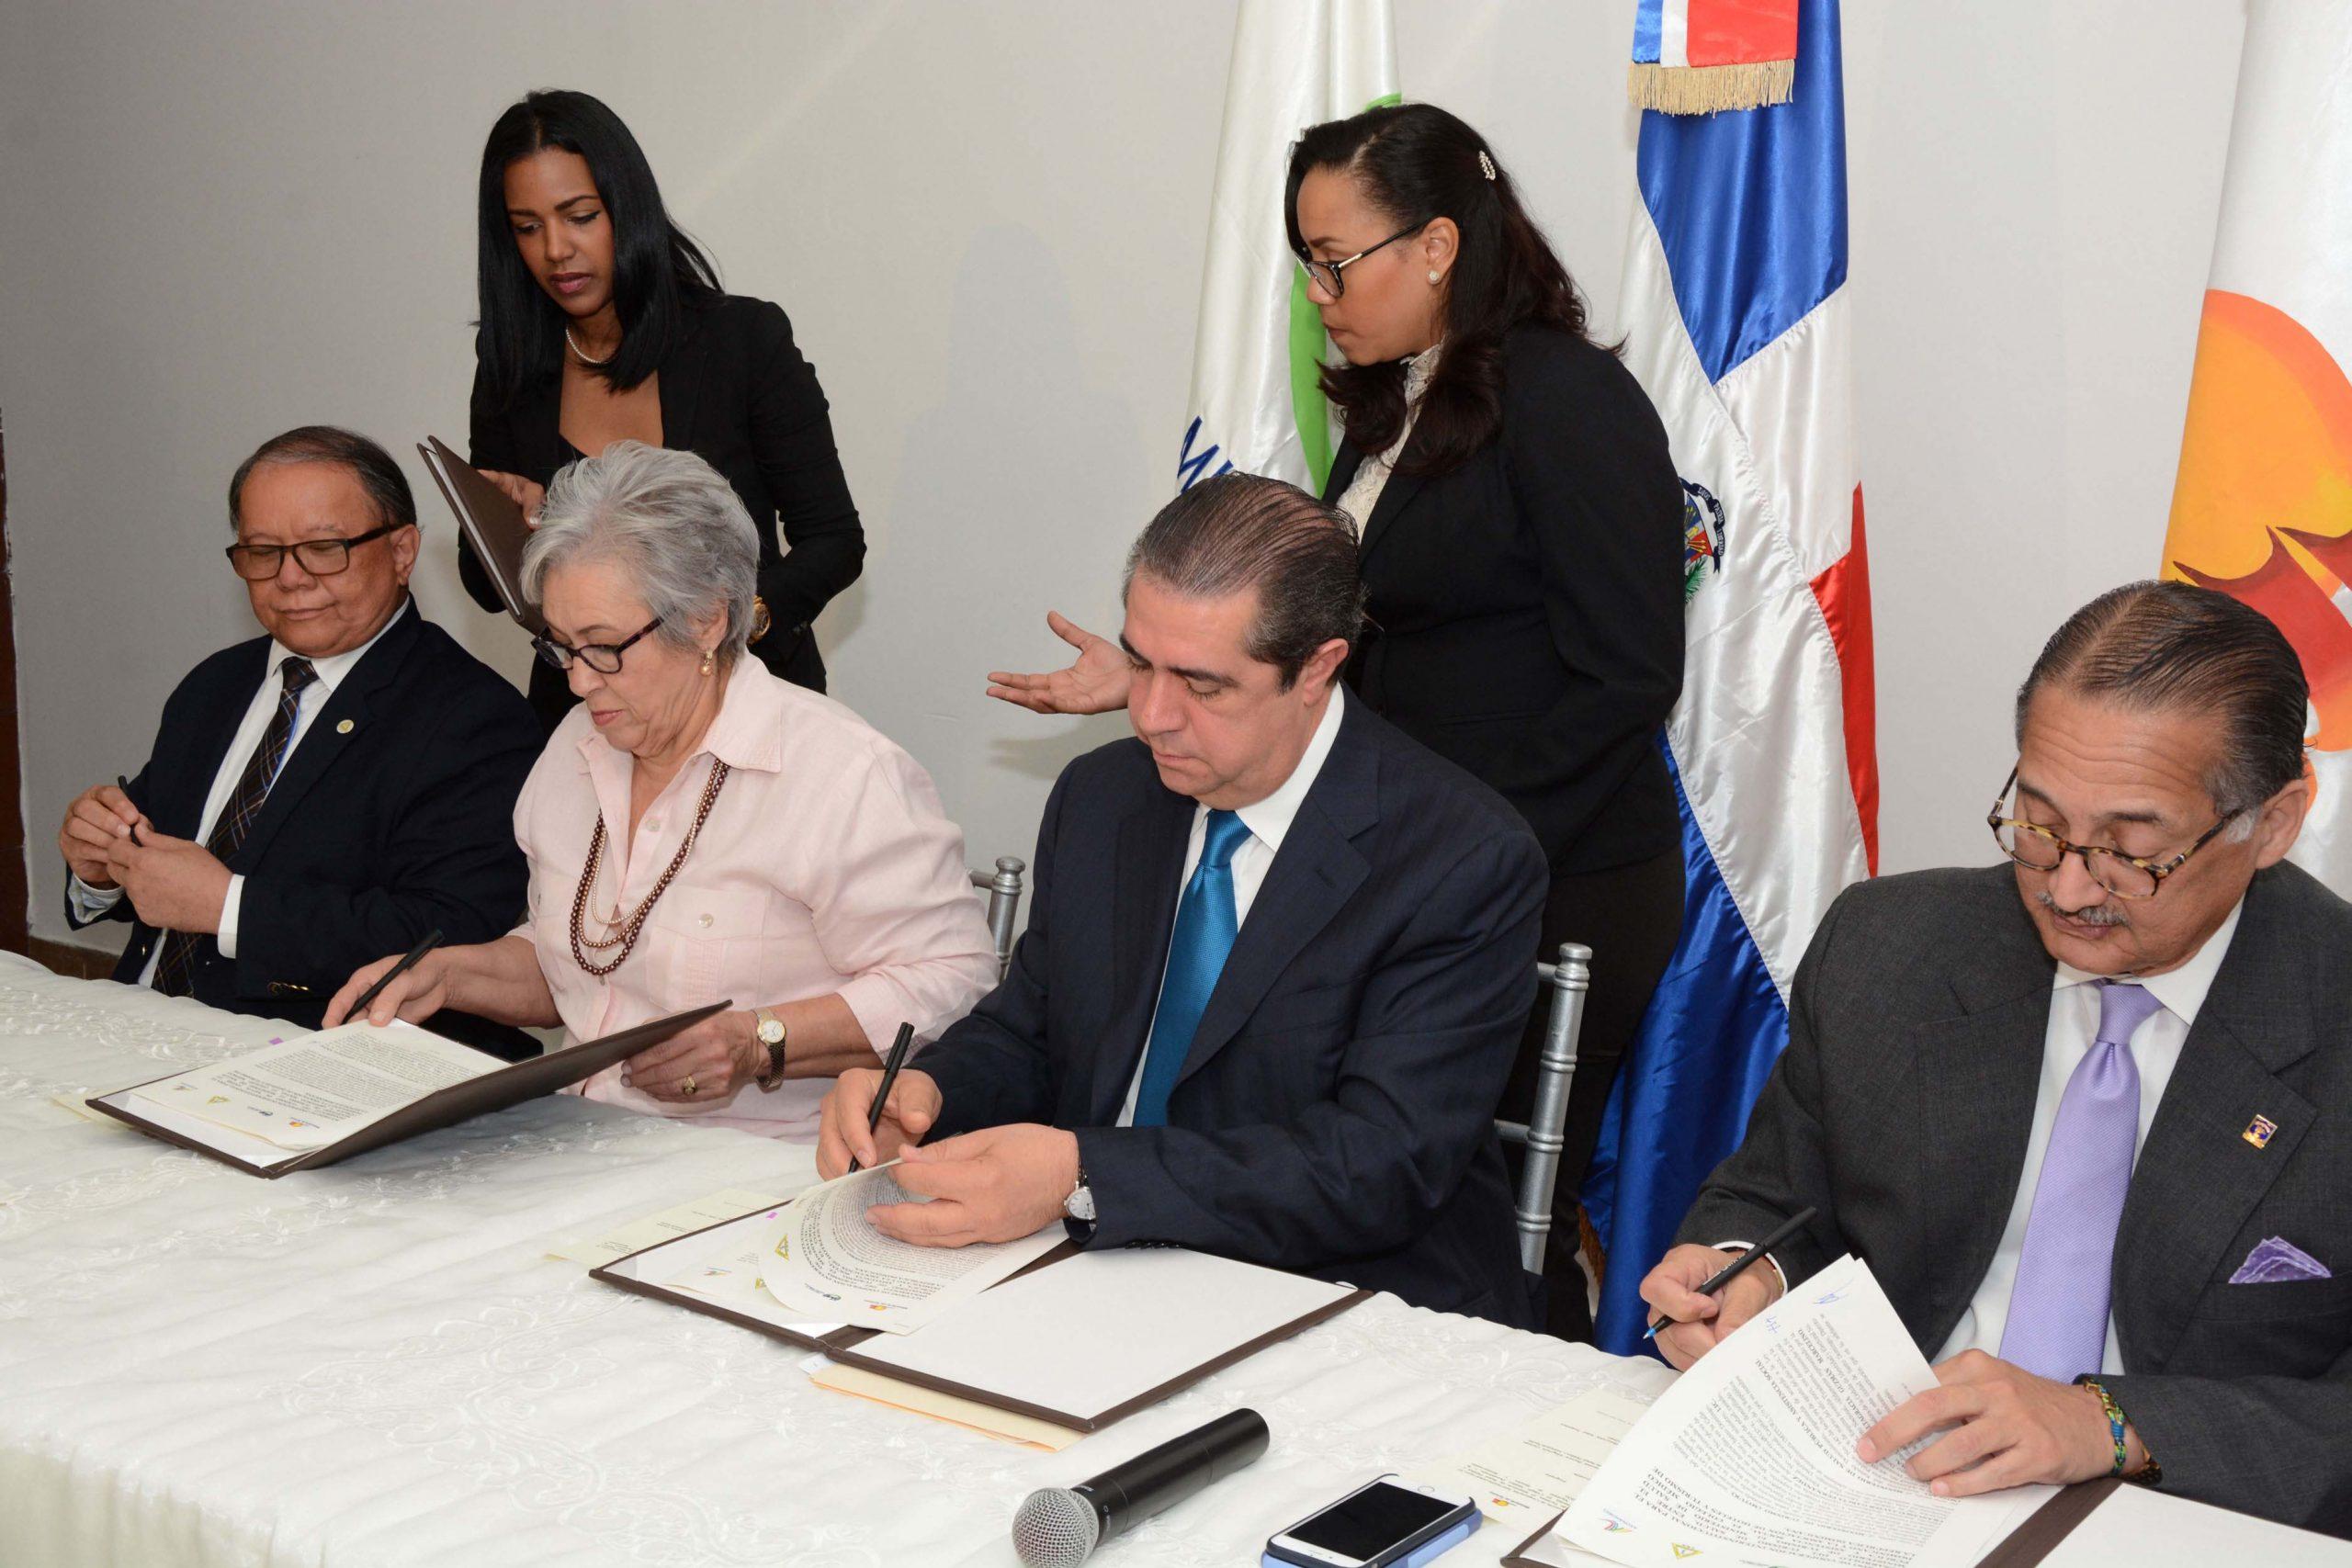 Pedro Sing Ureña, Altagracia Guzmán Marcelino, Francisco Javier García y Arturo Villanueva, durante la forma del acuerdo para promover el turismo de salud en República Dominicana. /Lésther Alvarez